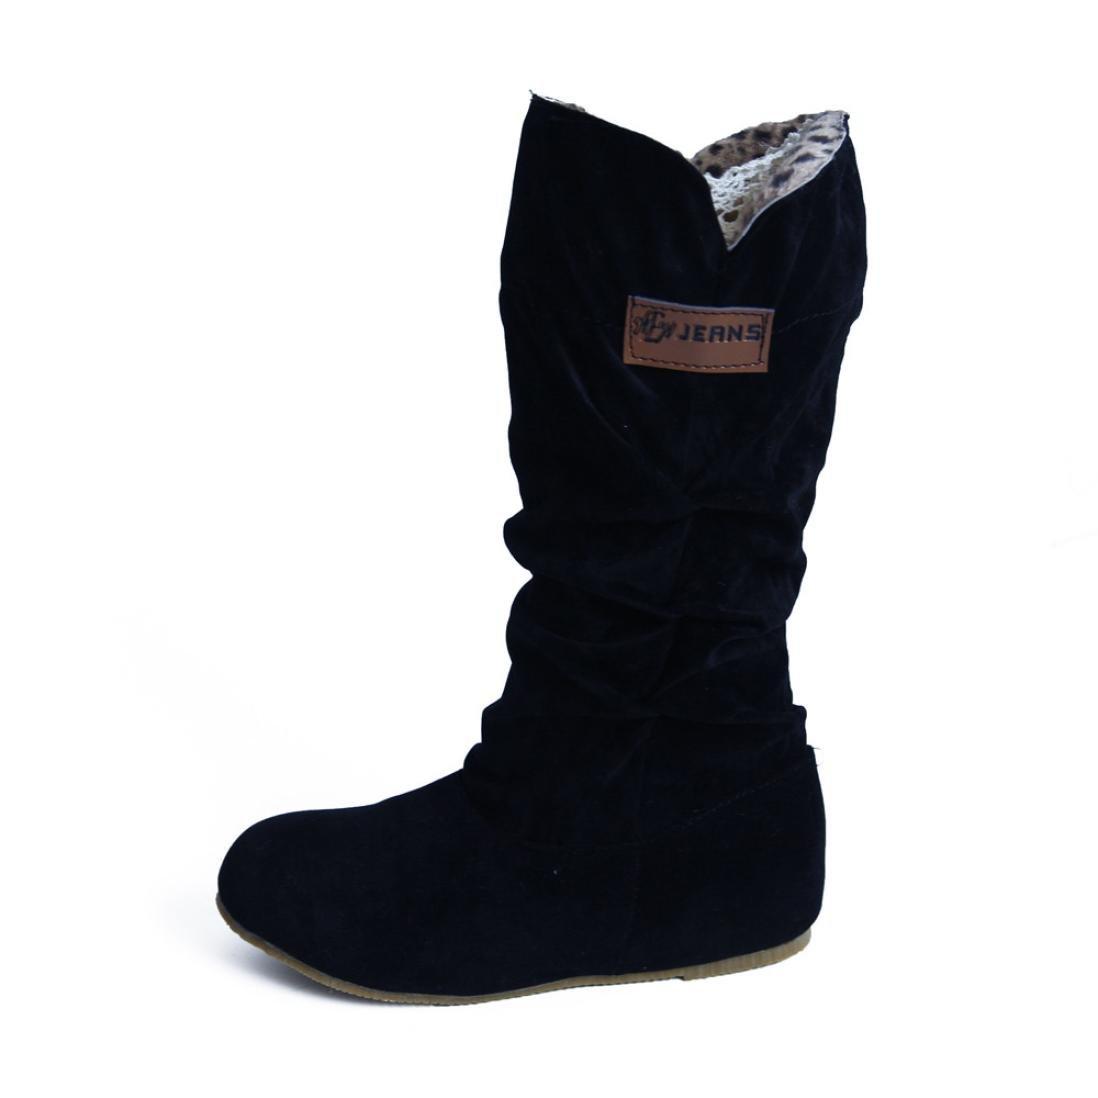 c12de1f8f4f Hot Sale!Women Boots,Canserin Women's 2017 Women's Autumn Winter Knee High  Boots Flat Heel...